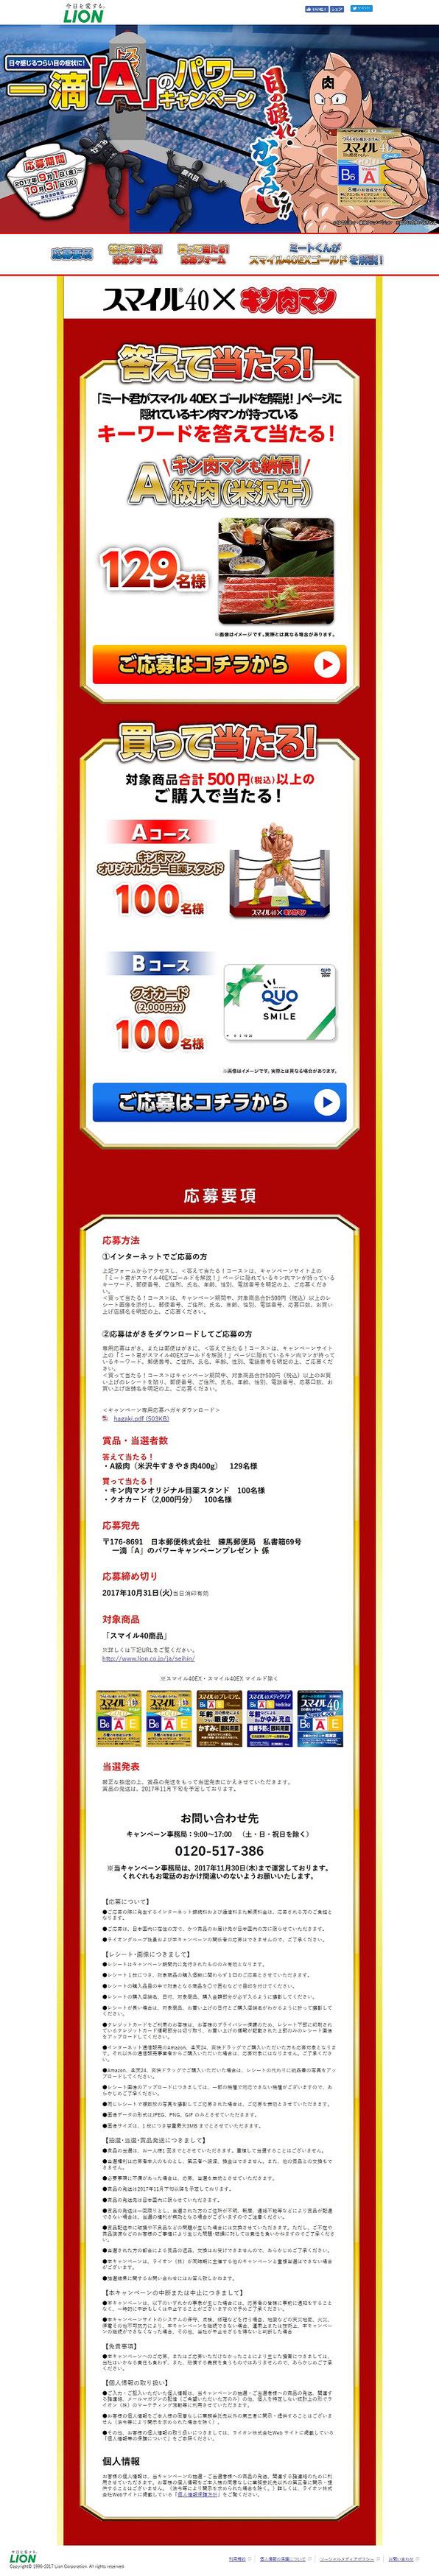 【ライオン】スマイル40×キン肉マン・コラボキャンペーン